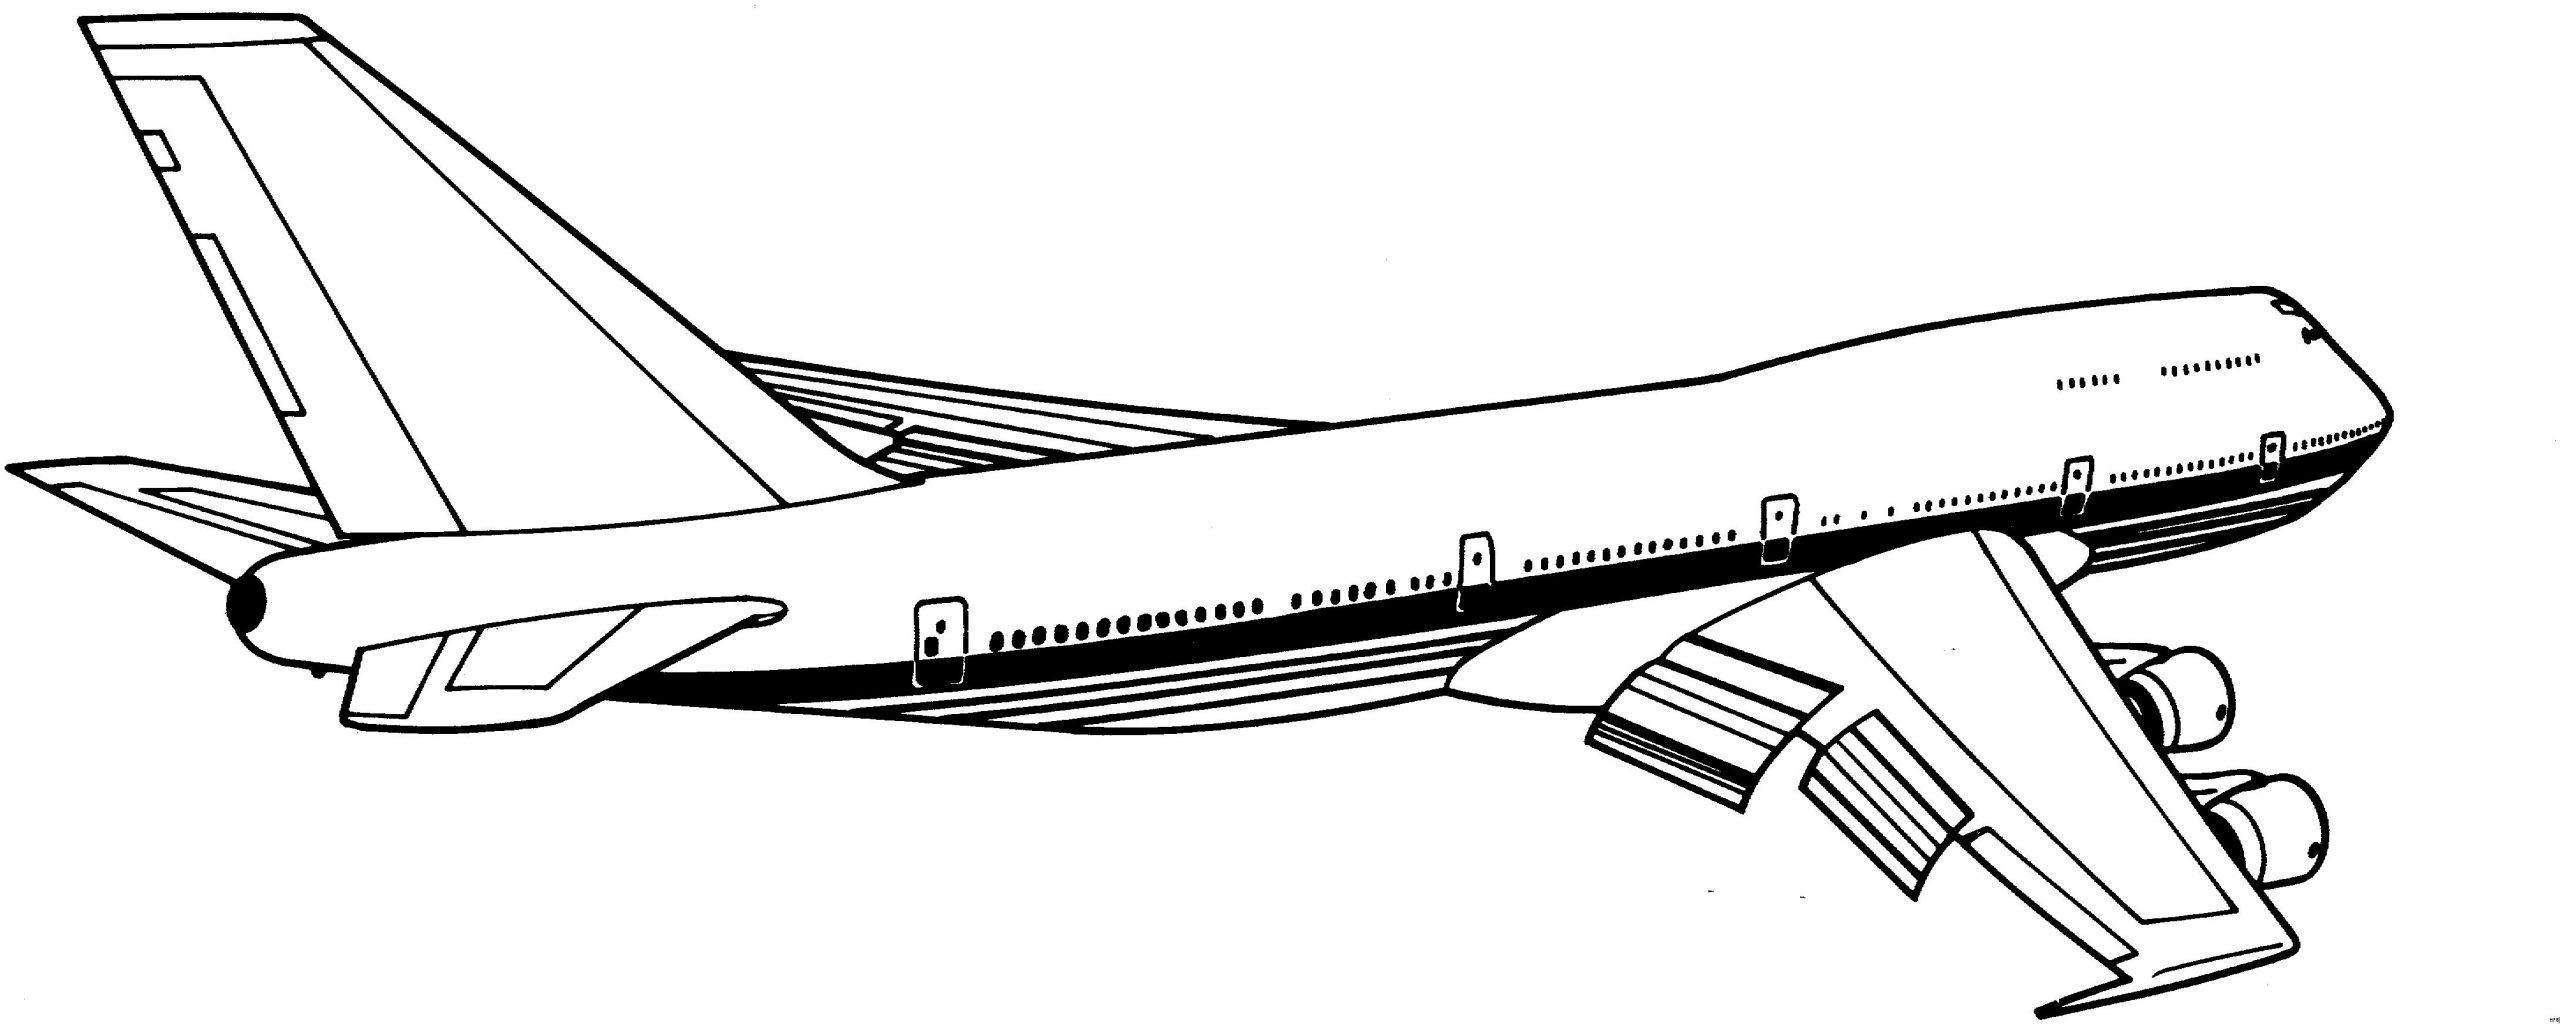 Malvorlagen Flugzeug Für Kinder Malvorlagen Flugzeug ganzes Flugzeug Malvorlagen